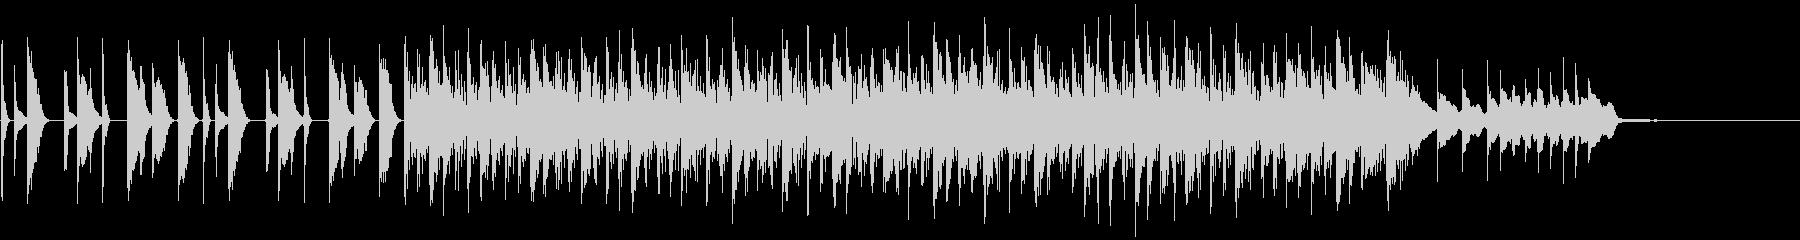 デジタル機器CF、ジングル、ロゴ用の未再生の波形